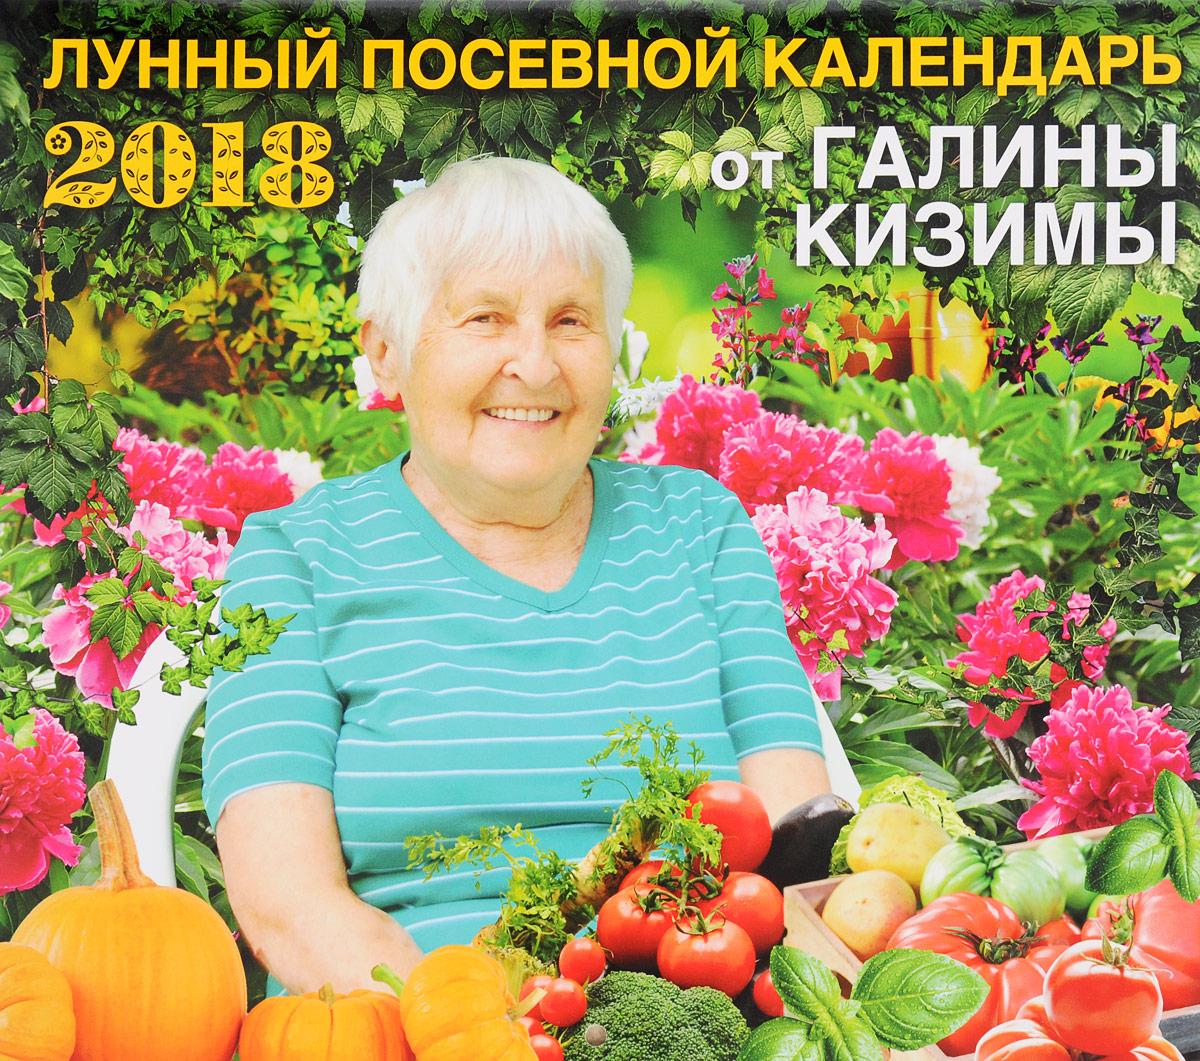 Галина Кизима Лунный посевной календарь от Галины Кизимы 2018